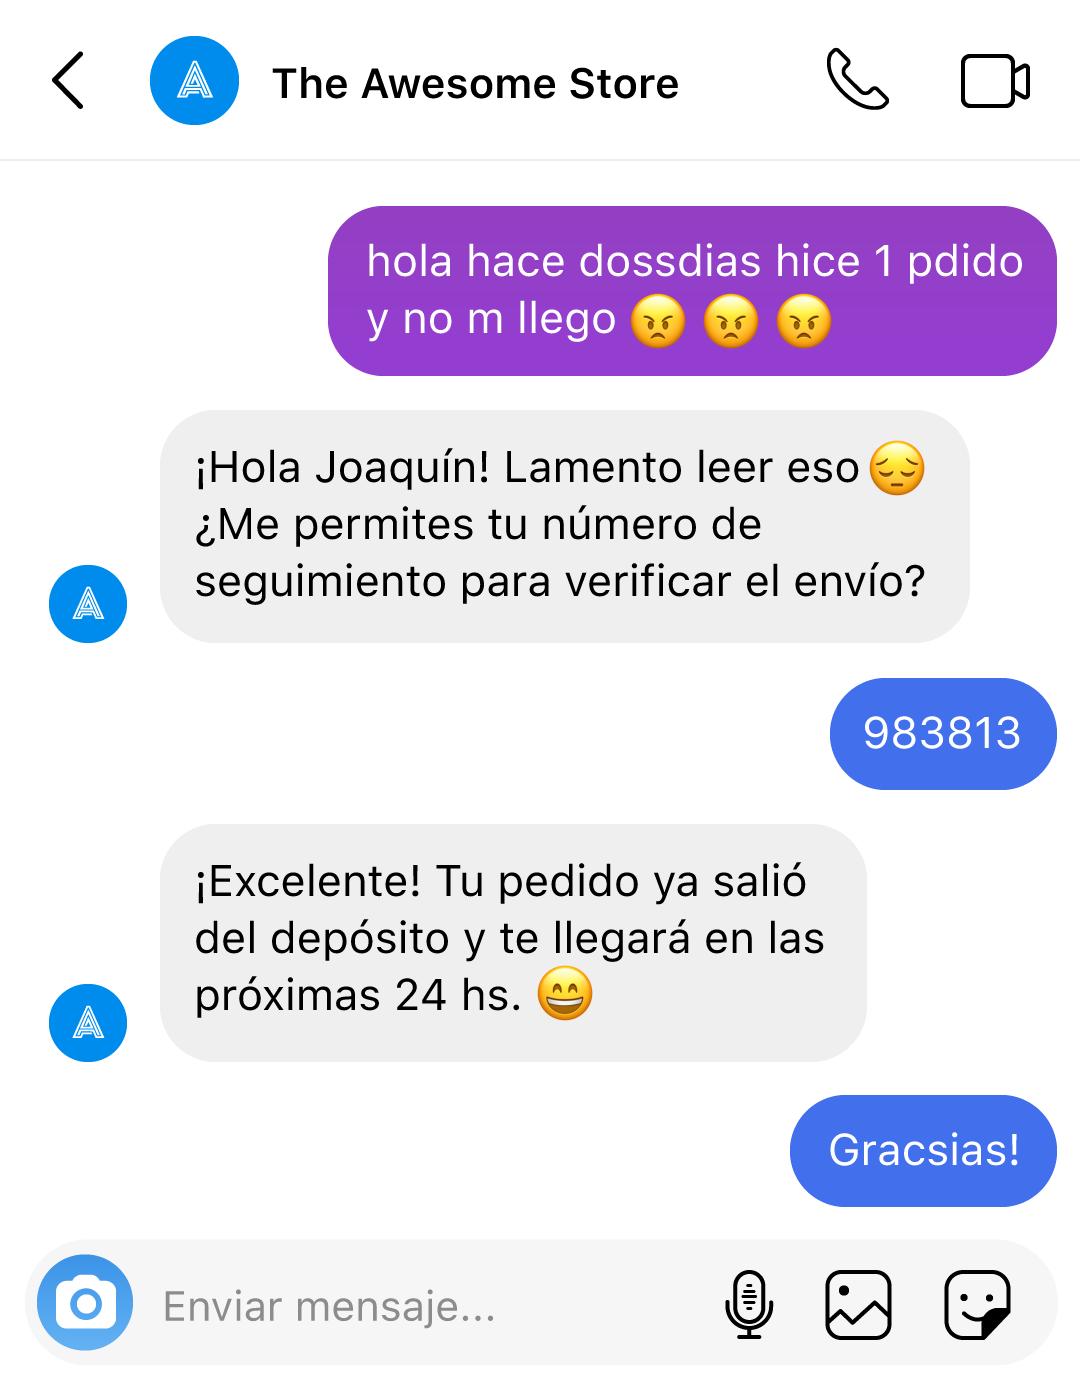 El usuario hace una consulta con errores gramaticales y el bot le ofrece una respuesta natural